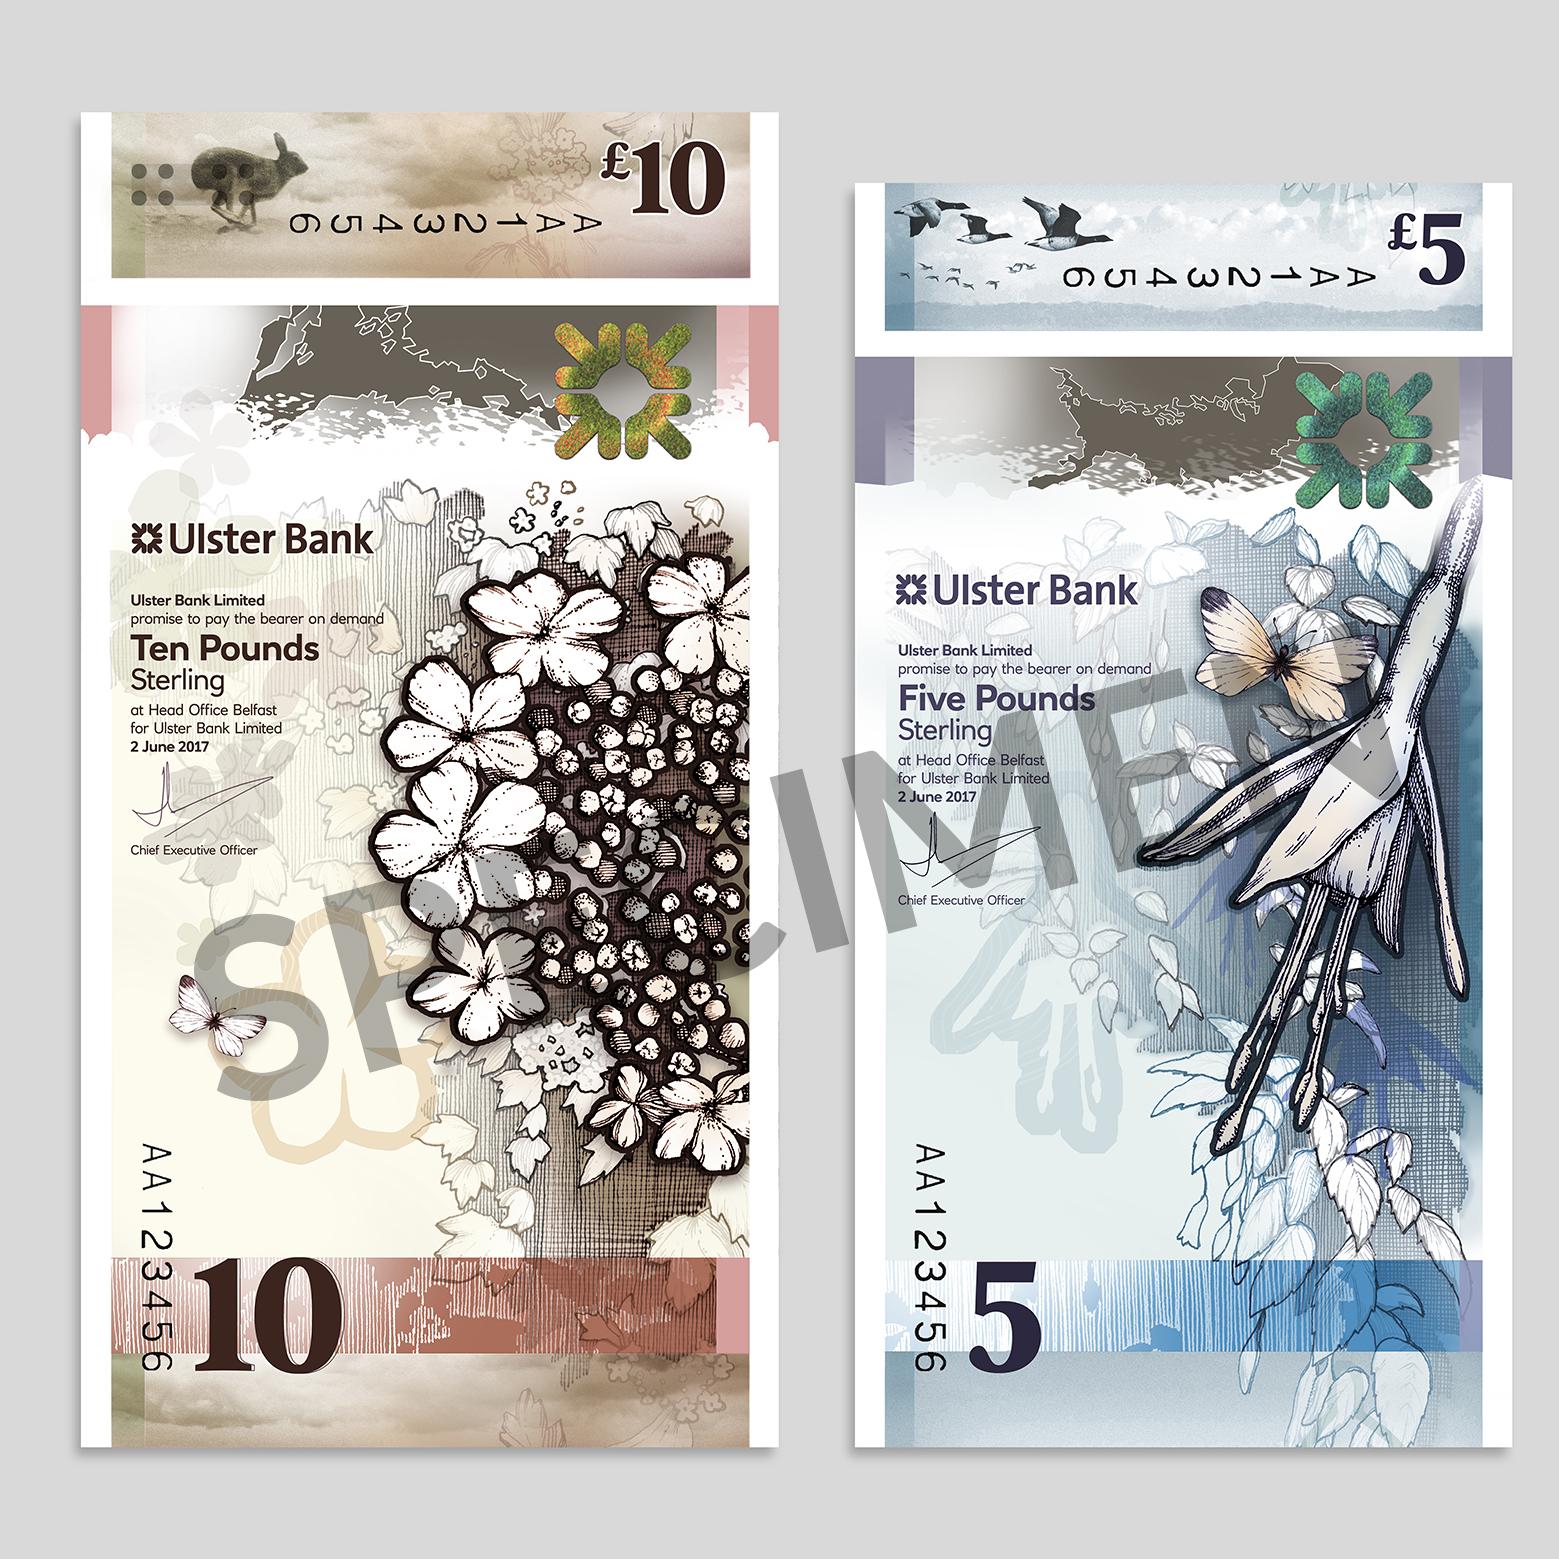 Ulster bank notes.jpg